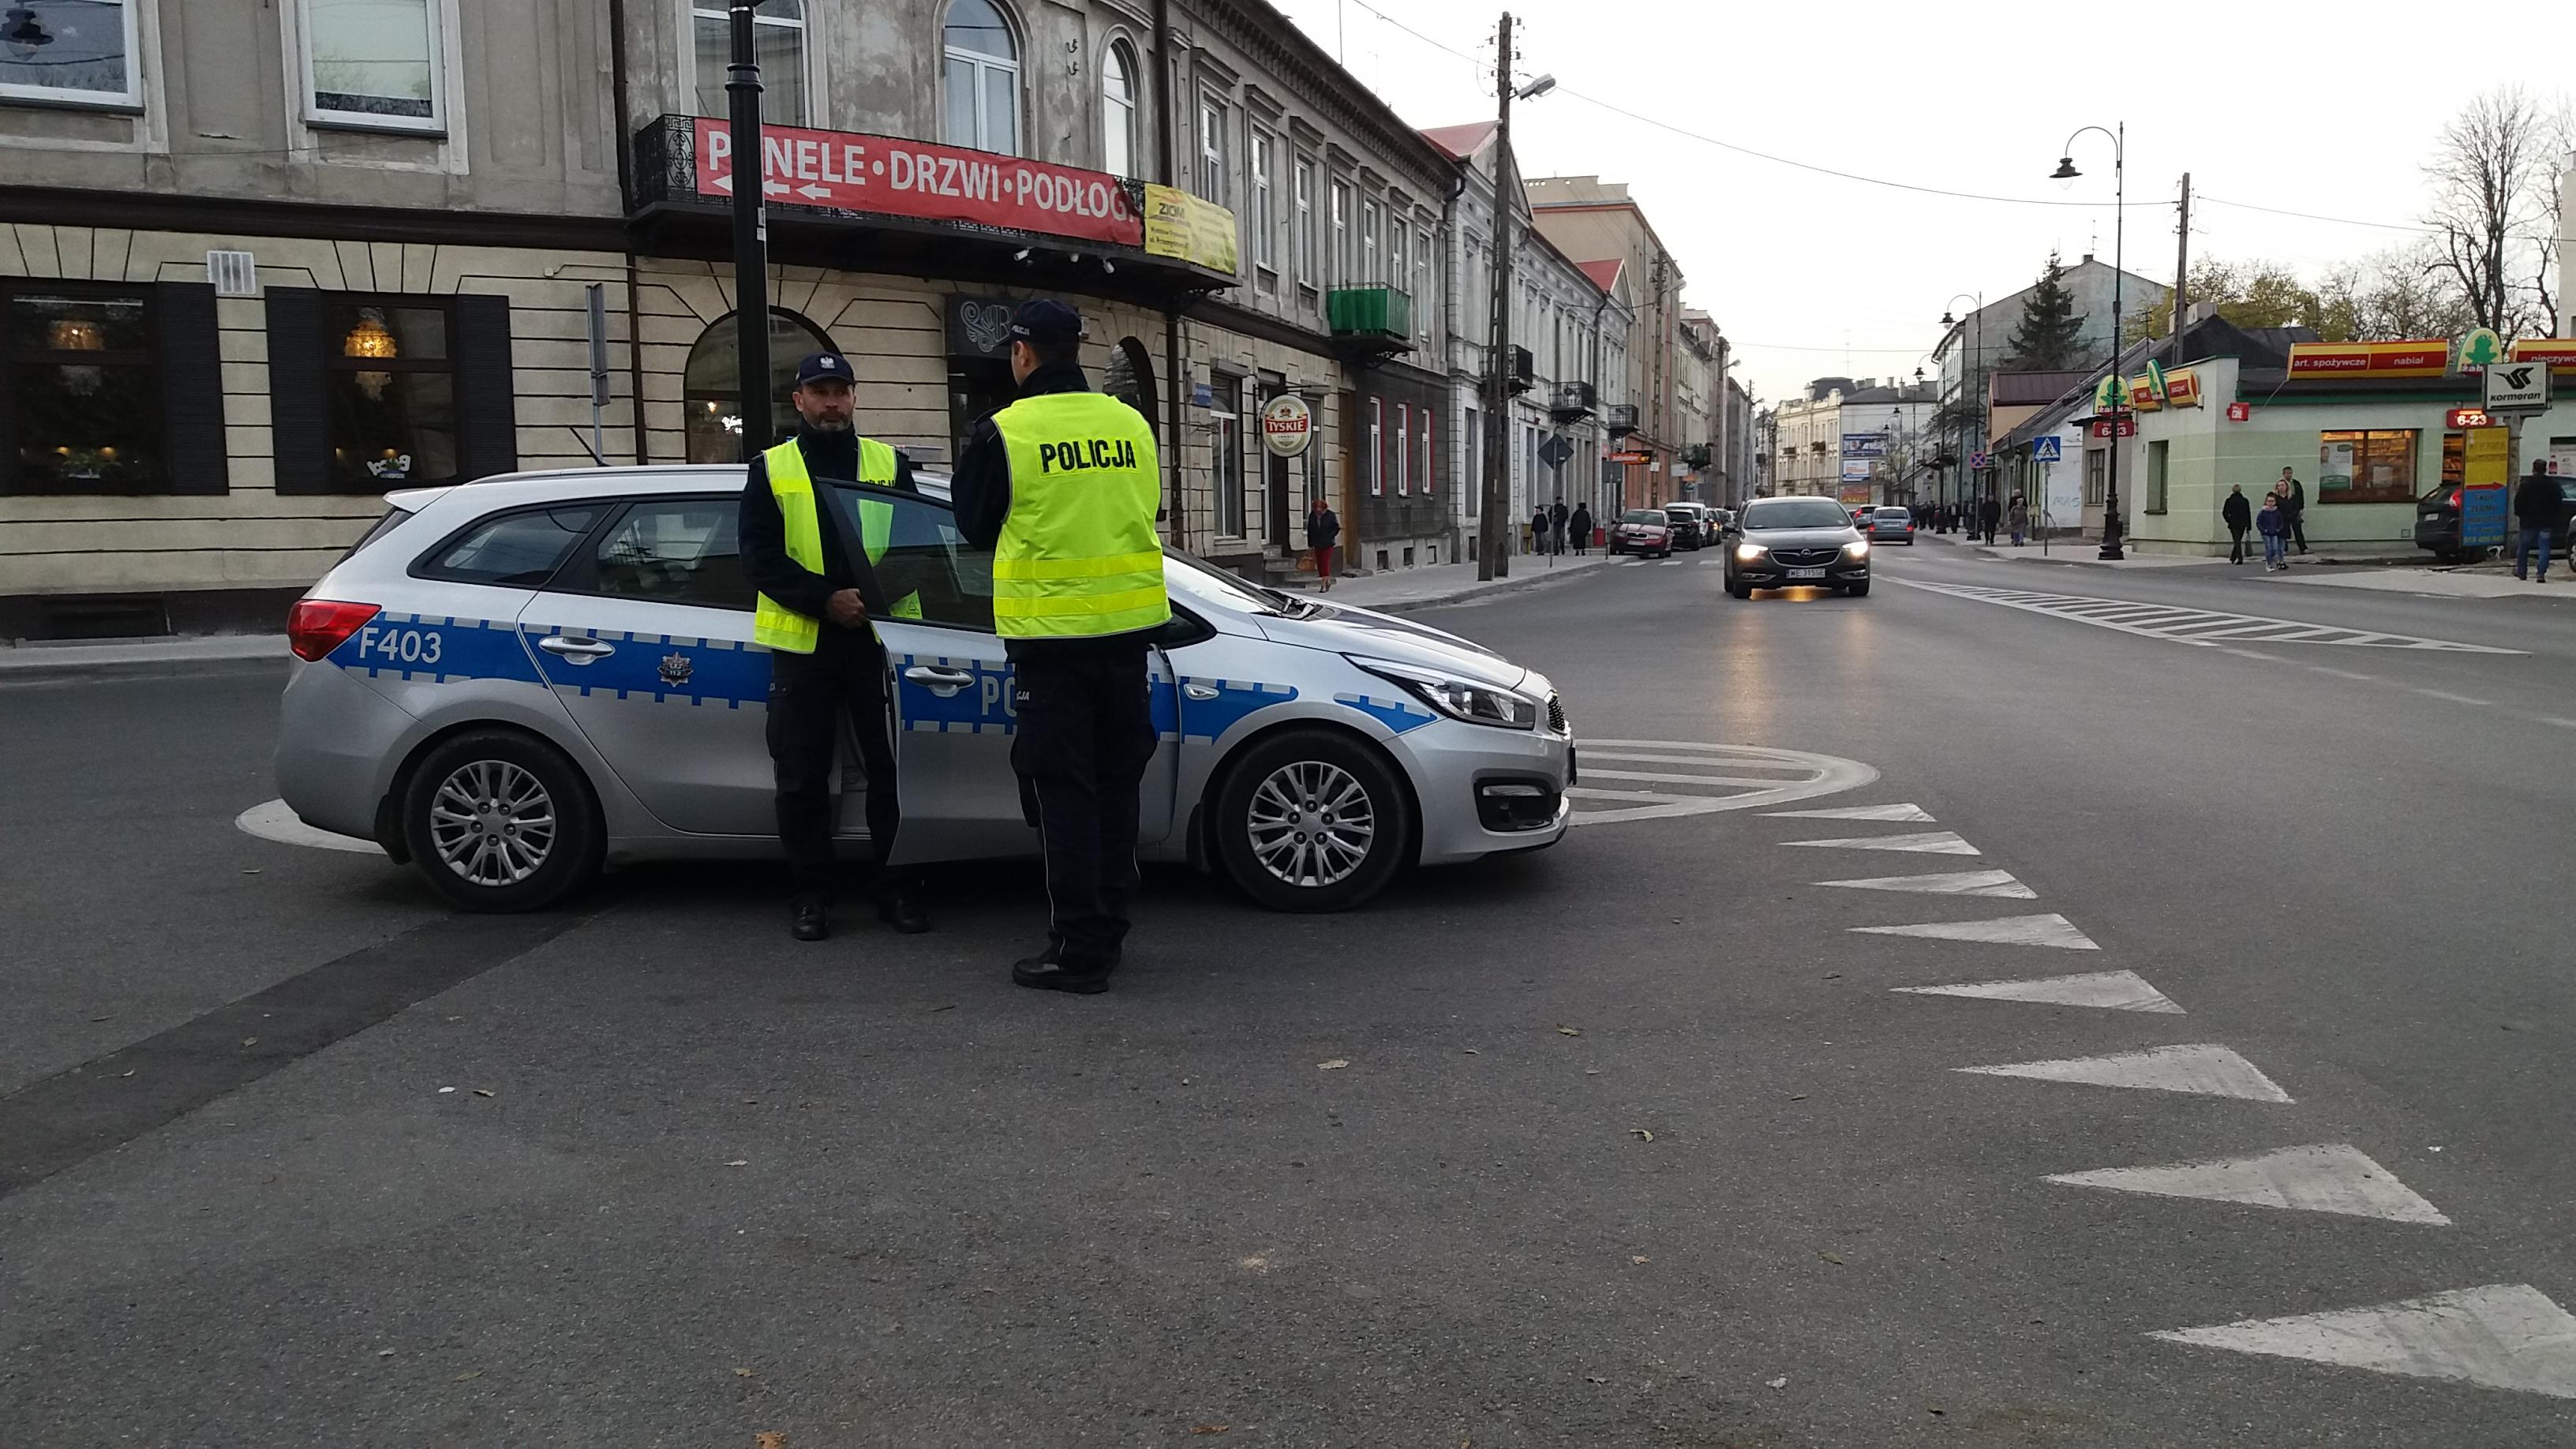 Photo of Policja podsumowała święta: trzy wypadki, jedna osoba poniosła śmieć, dwie zostały ranne. To jednak nie koniec statystyk